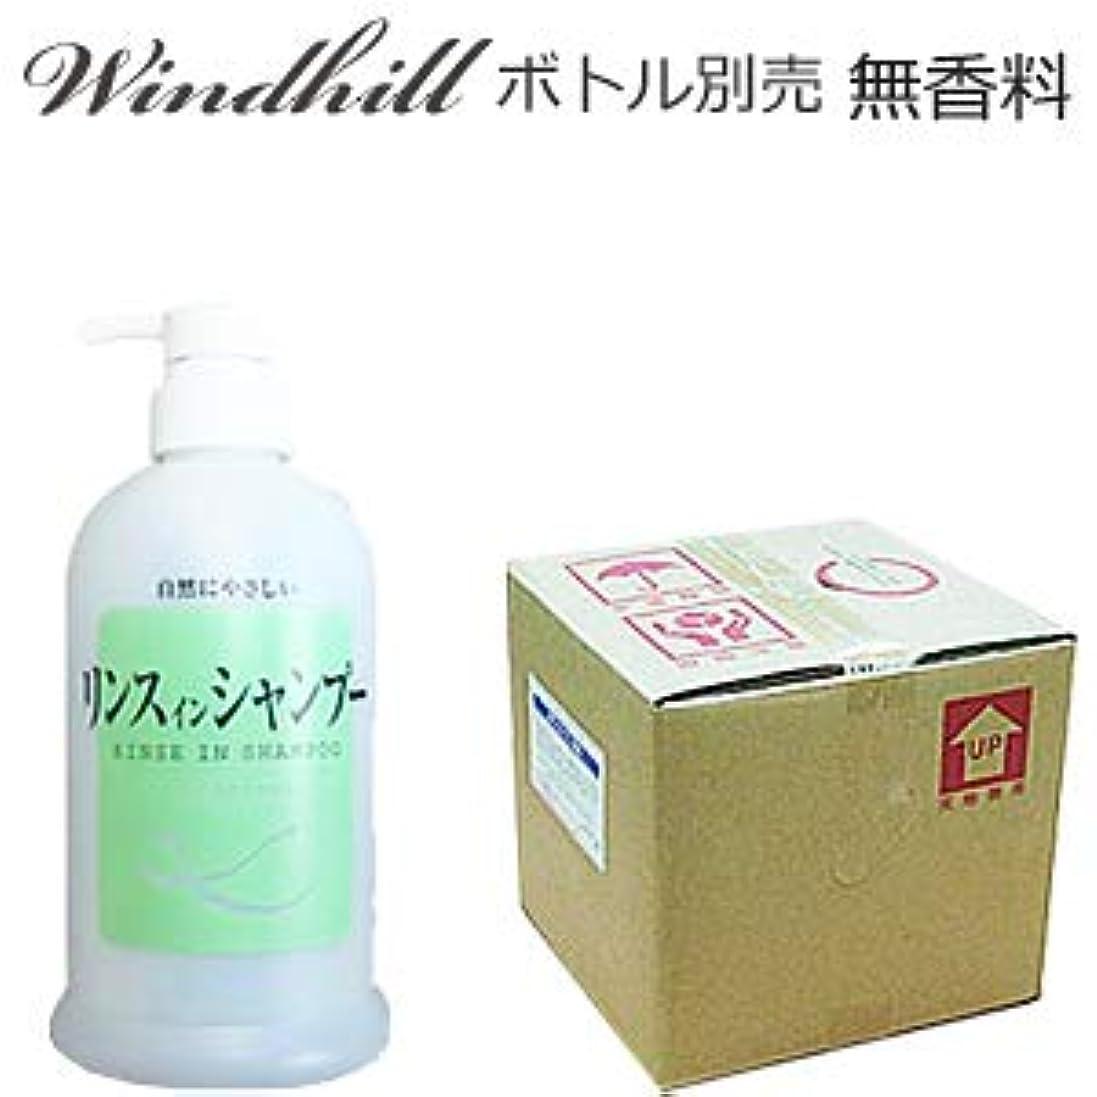 真珠のようなクラッシュ凝縮するWindhill 植物性 業務用ボディソープ 無香料 20L(1セット20L入)